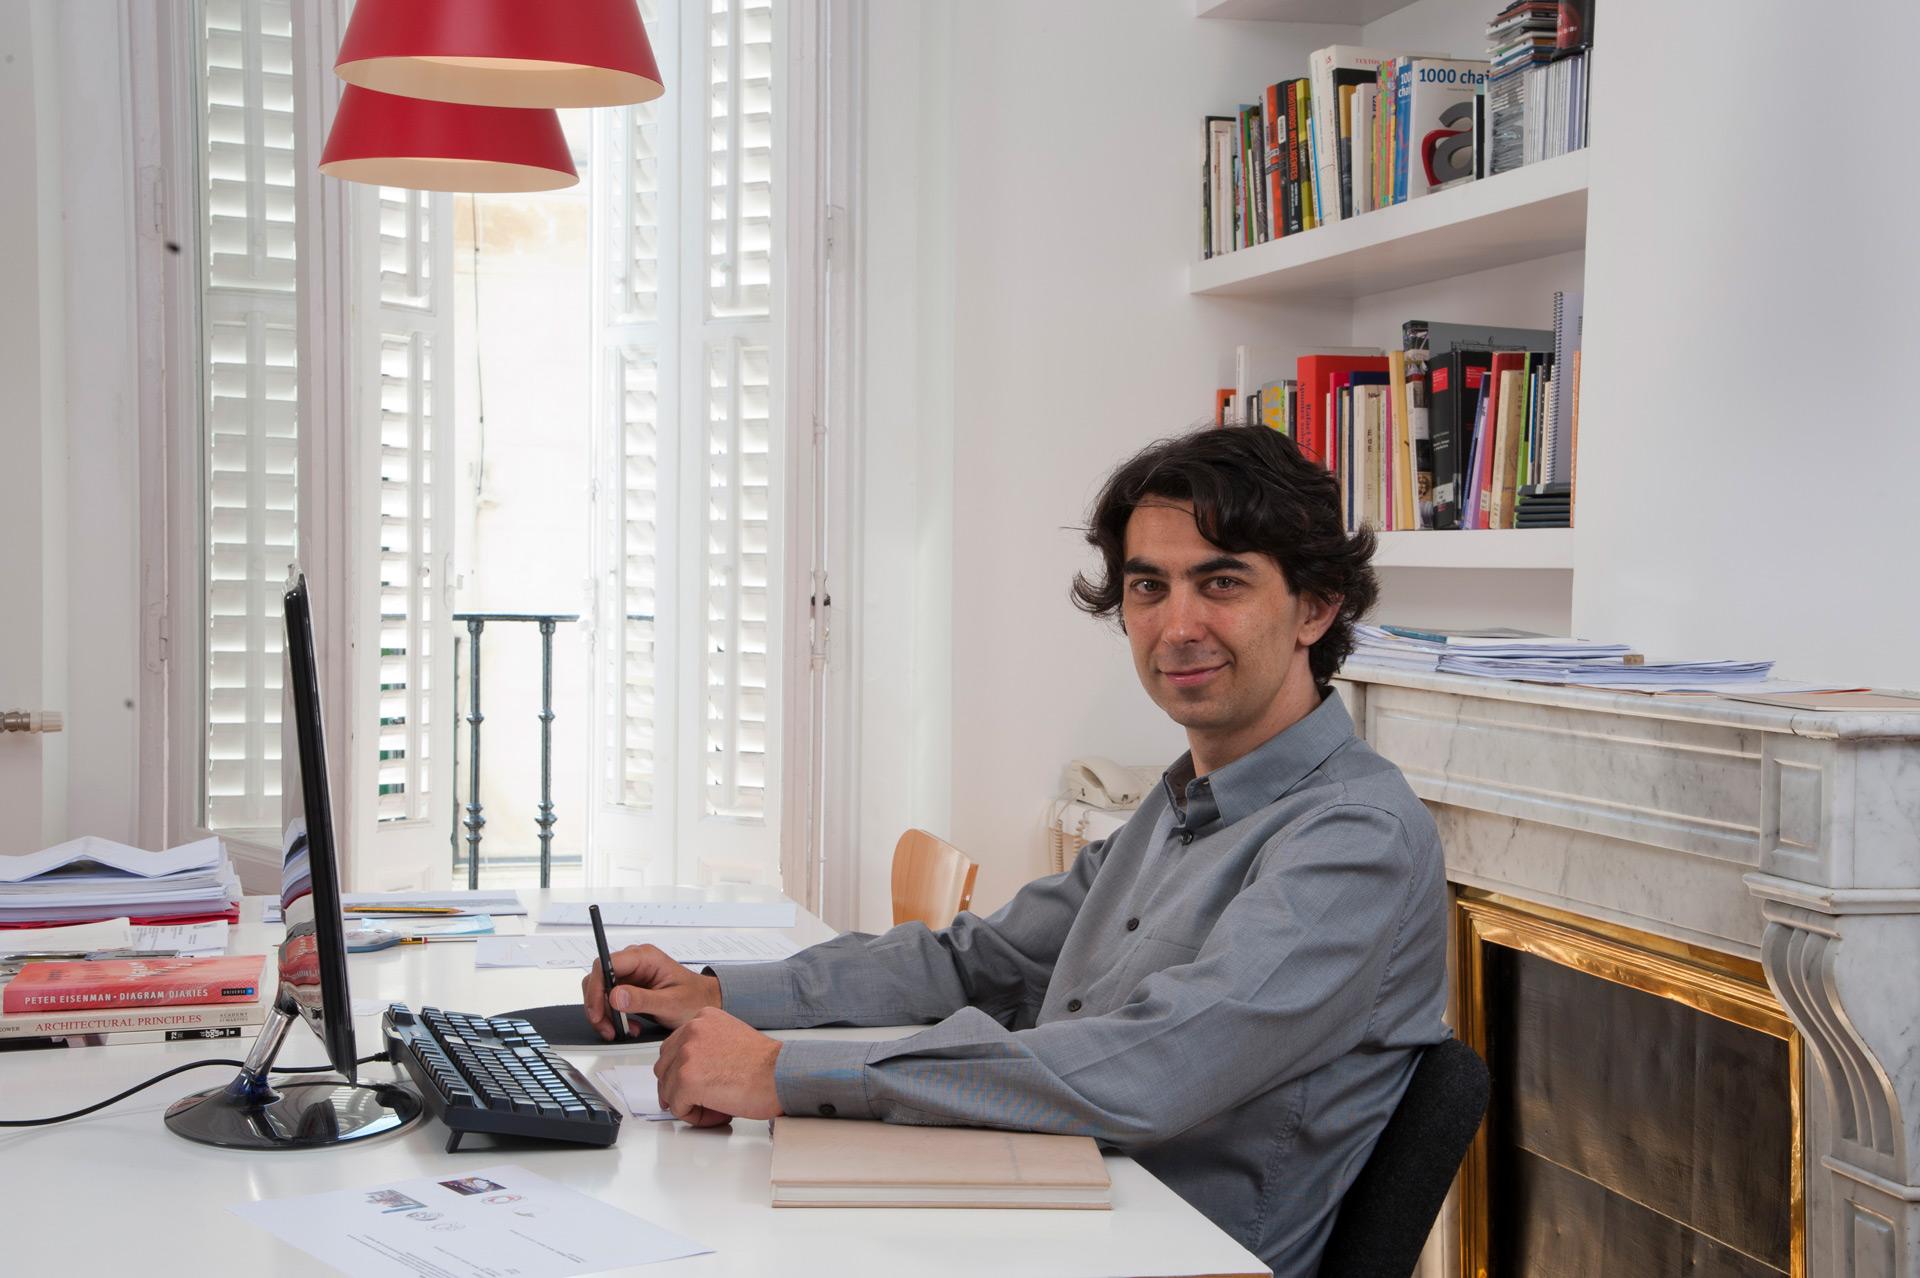 Nicolau_Office-10_WMR